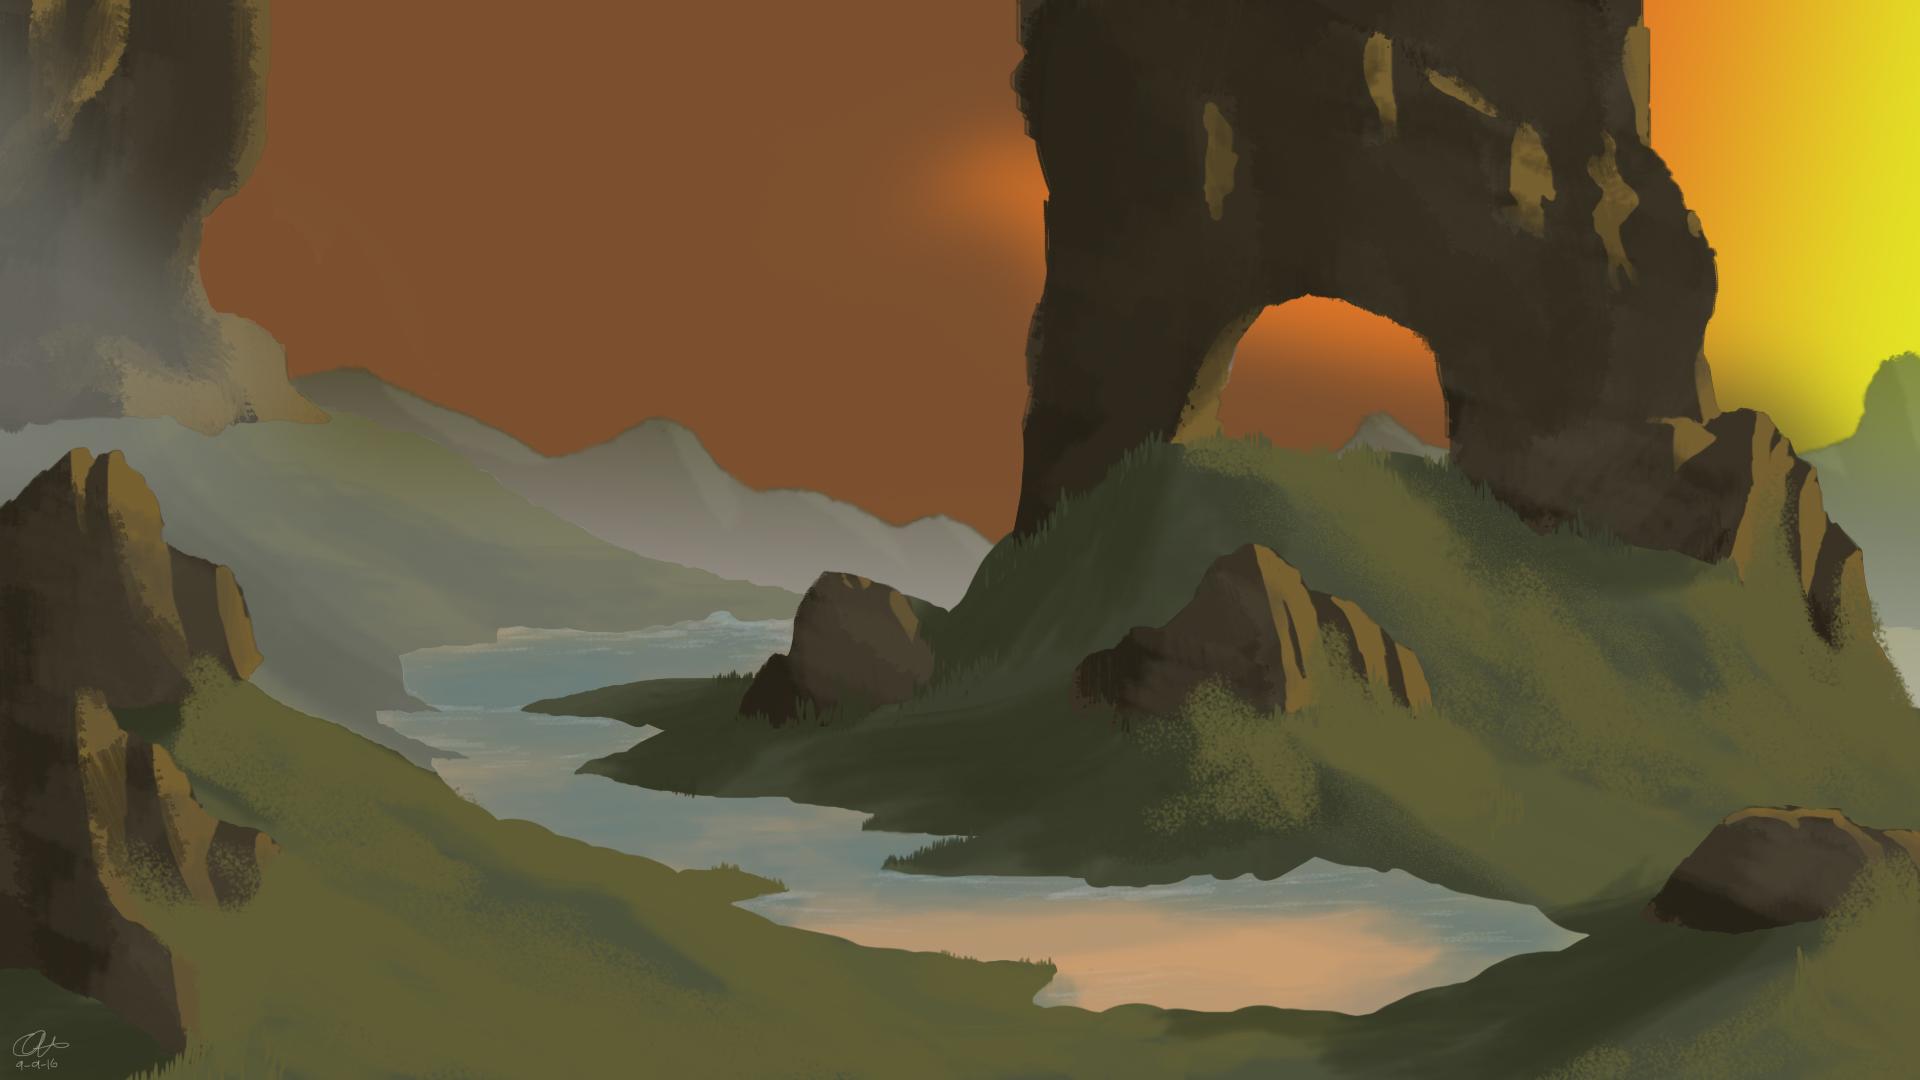 Fantasy Hills Concept art - Quinamations